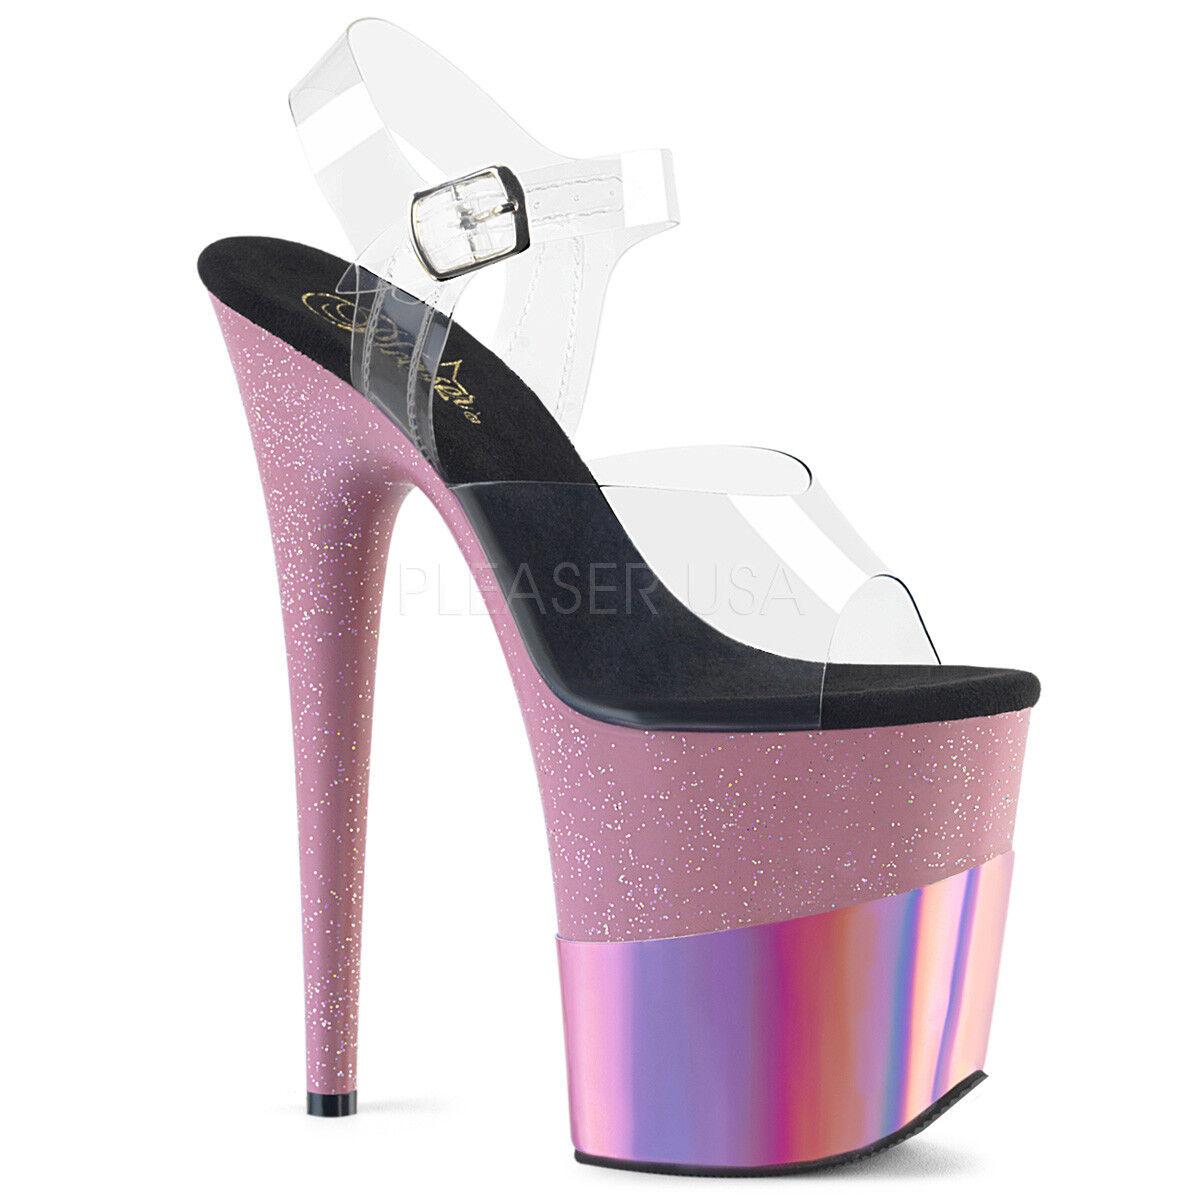 Pleaser FLAMINGO-808-2HGM Exotic Exotic Exotic Dancing Platform Ankle Strap Sandal 8  Heel daf3a2